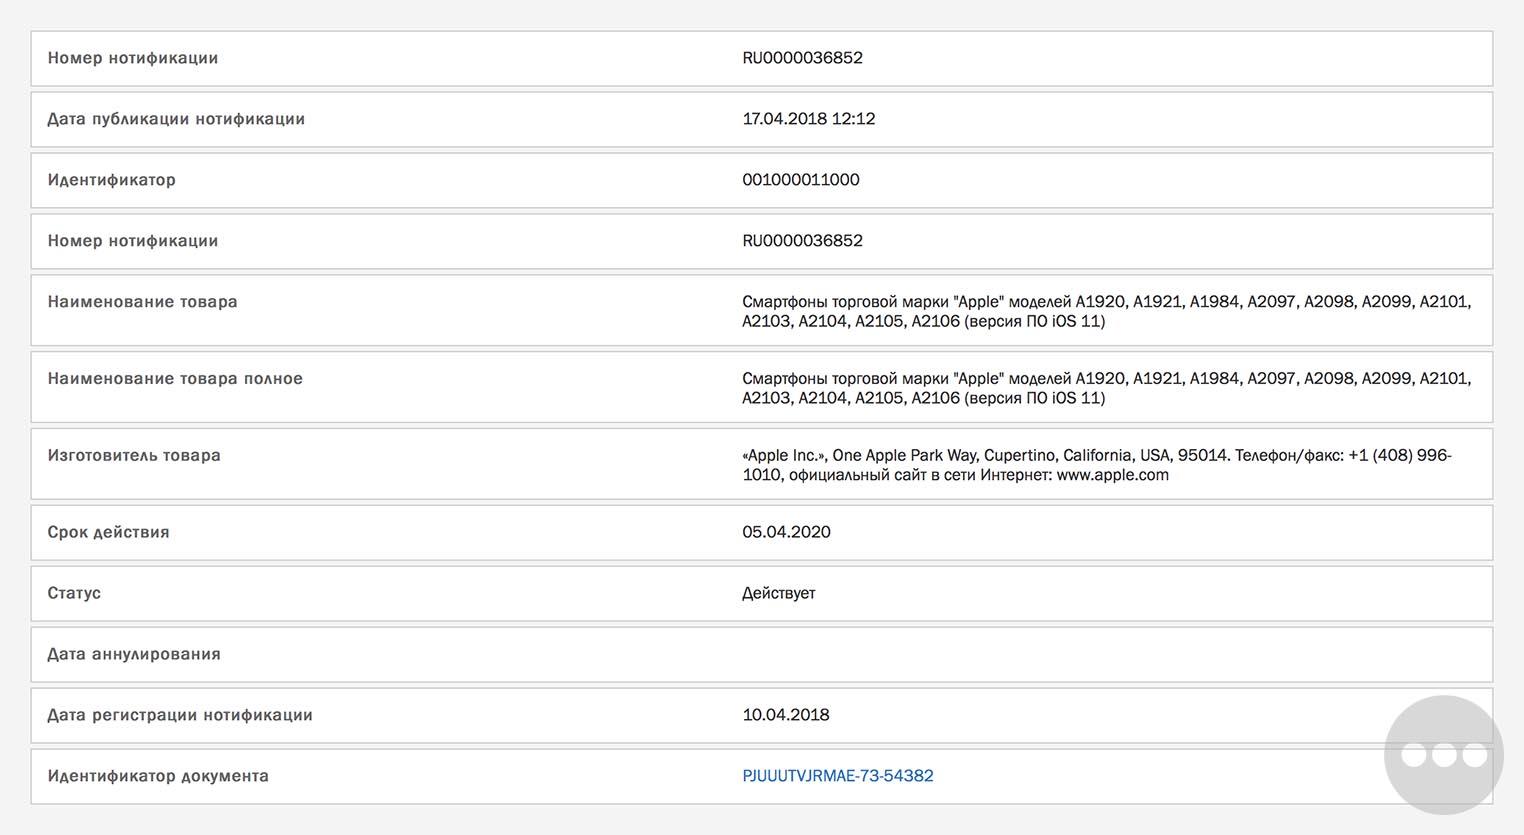 Registro de los nuevos modelos de iPhone